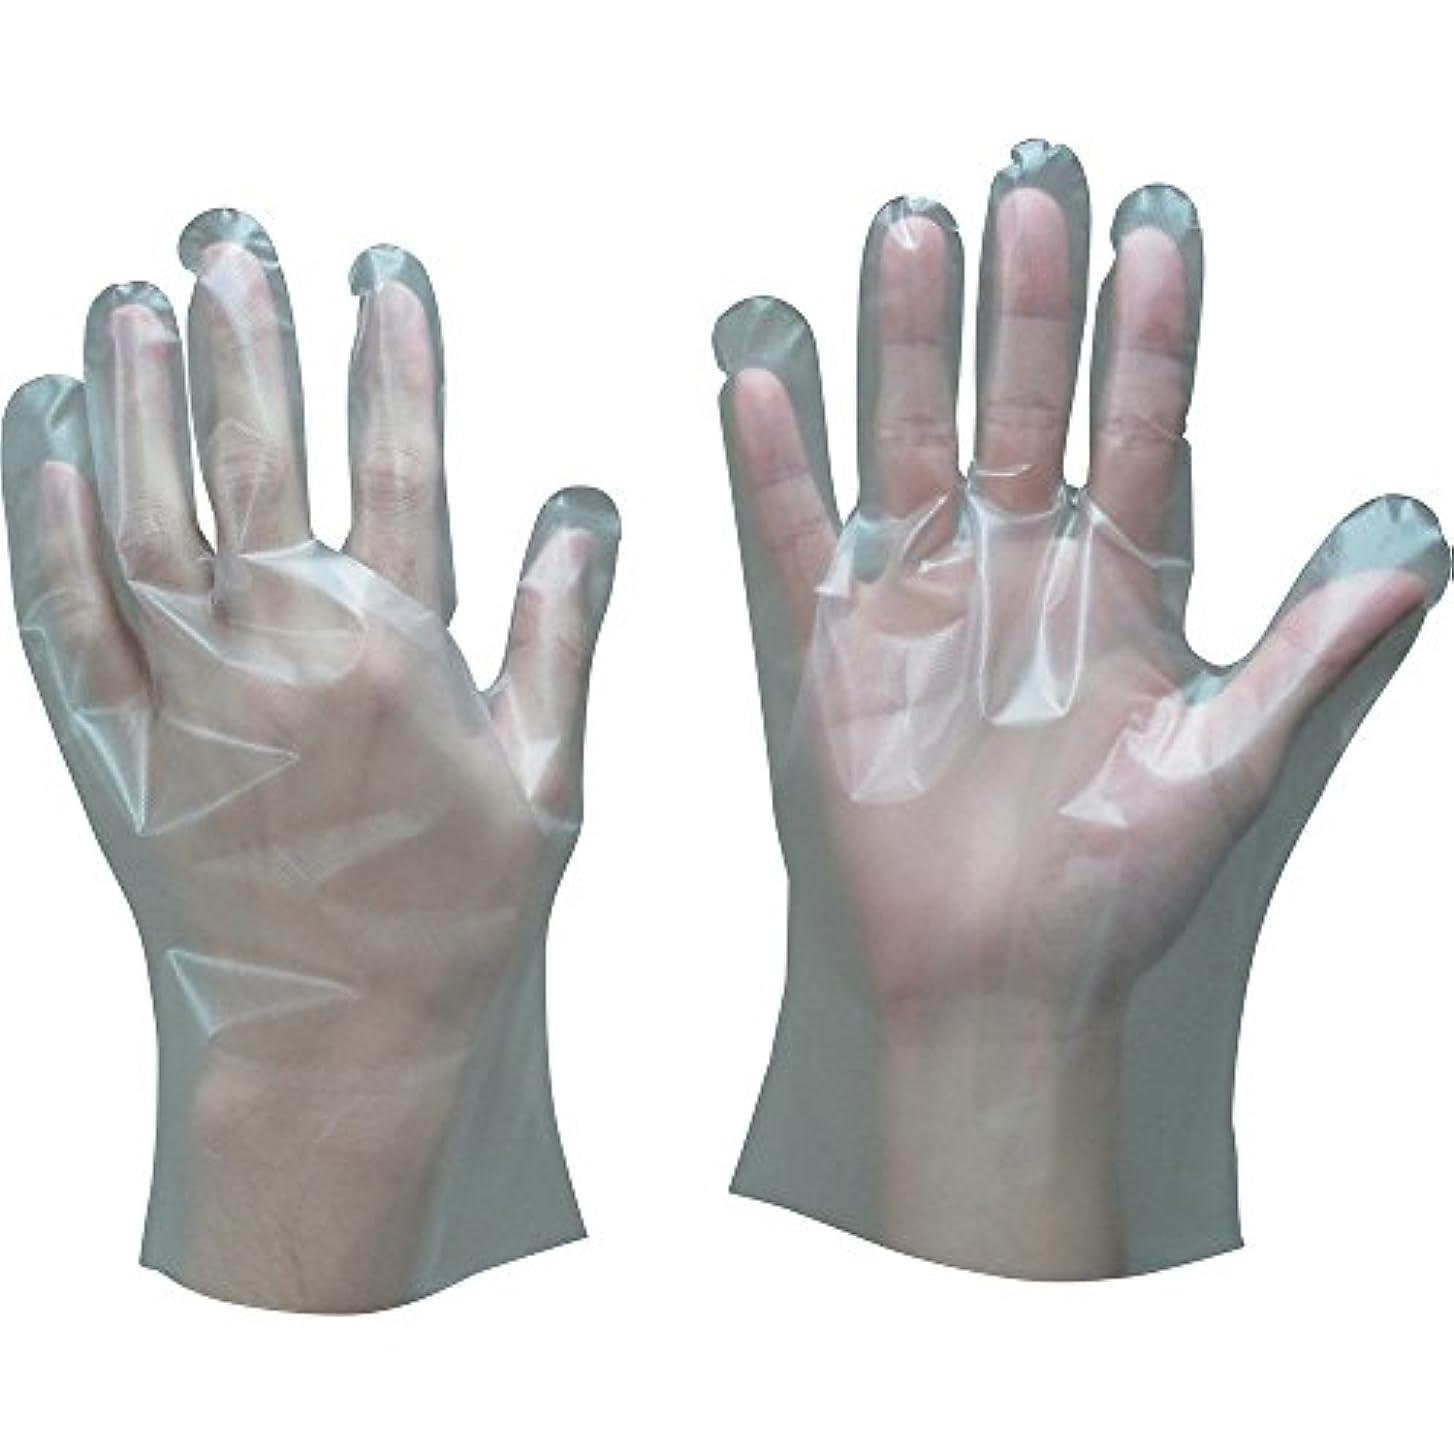 ジレンマ叱るパウダー東和コーポレーション ポリエチレン手袋 100枚入